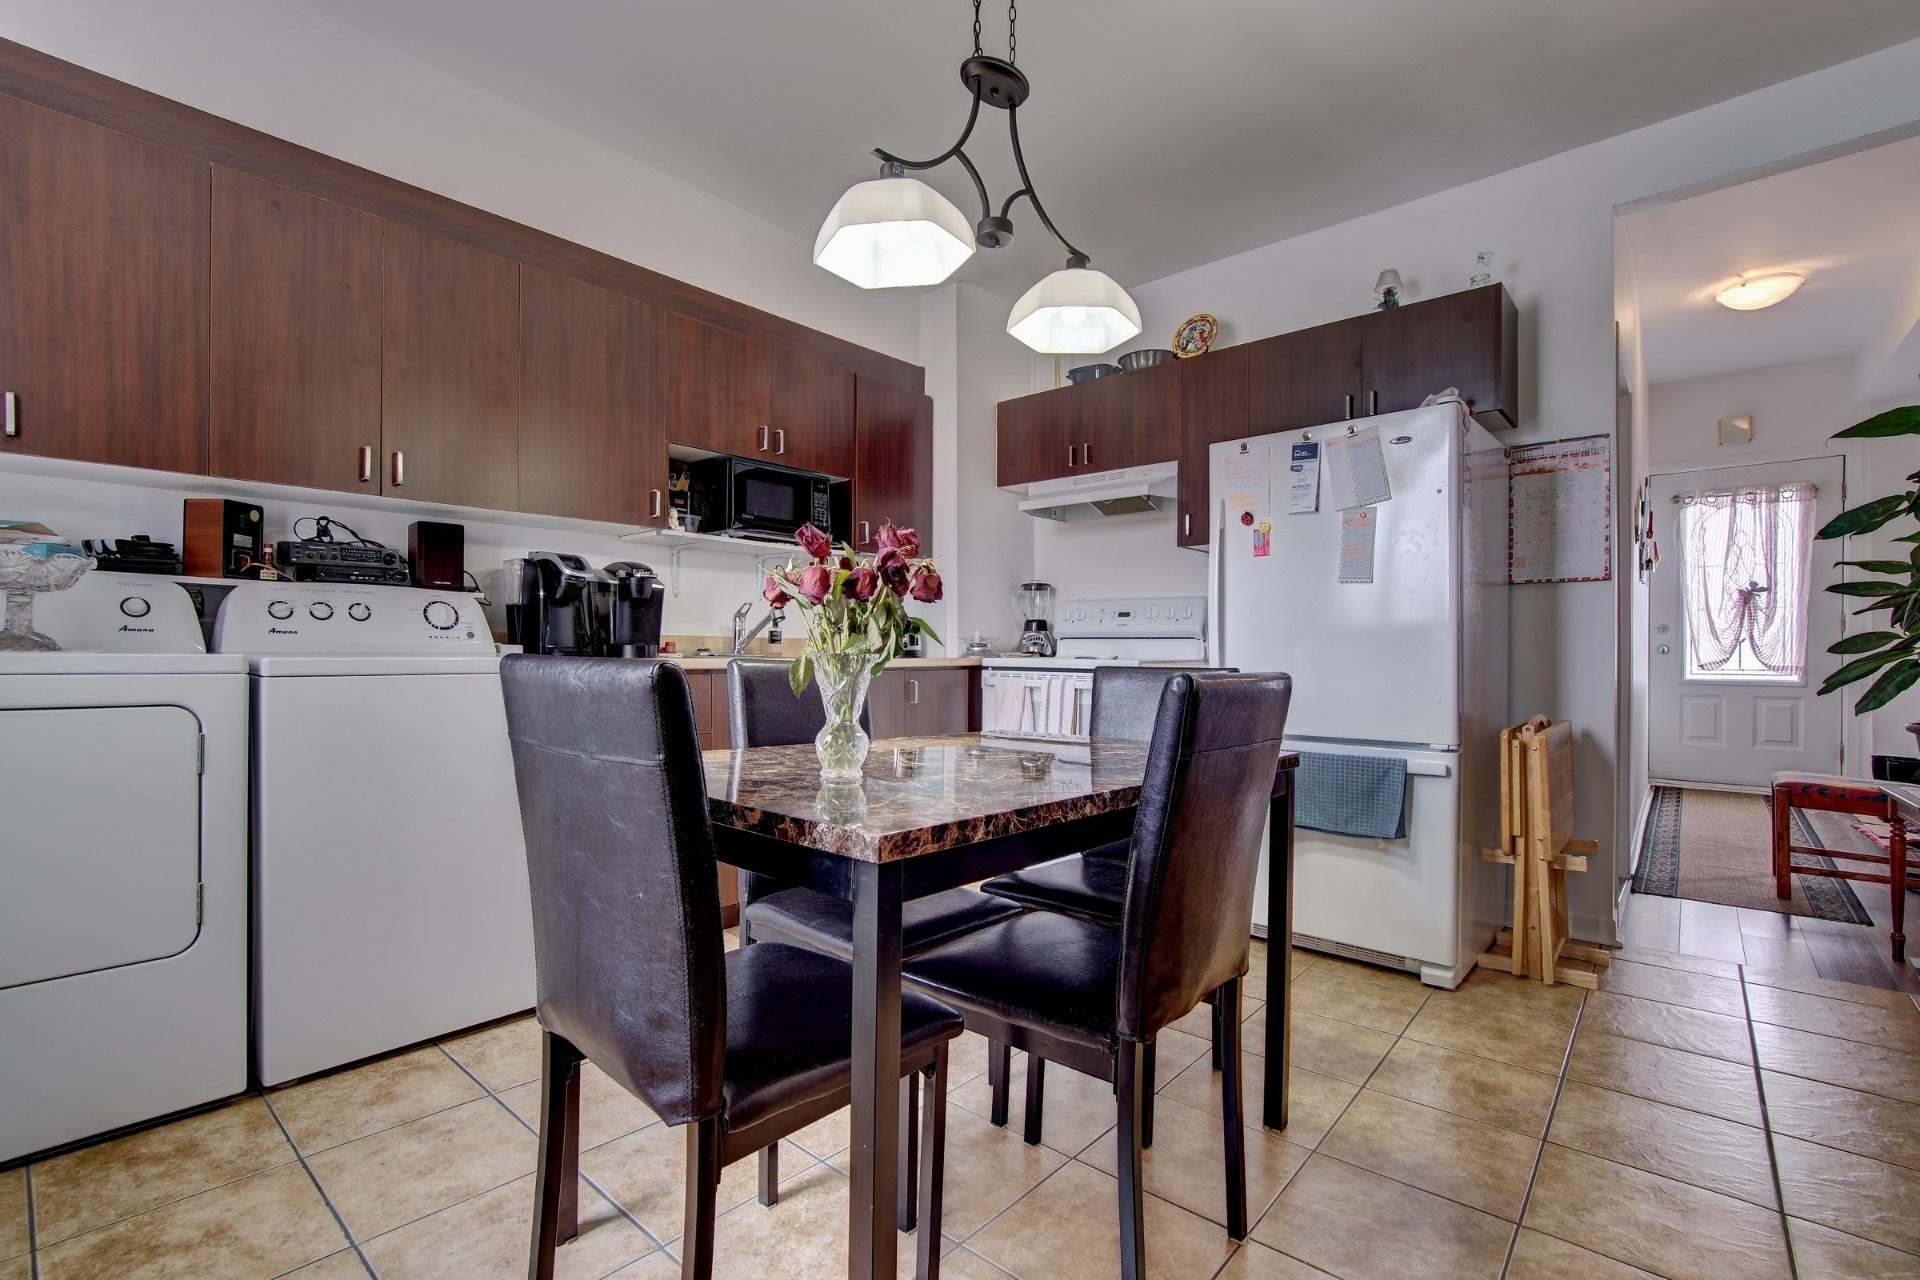 image 12 - Quadruplex For sale Rivière-des-Prairies/Pointe-aux-Trembles Montréal  - 4 rooms